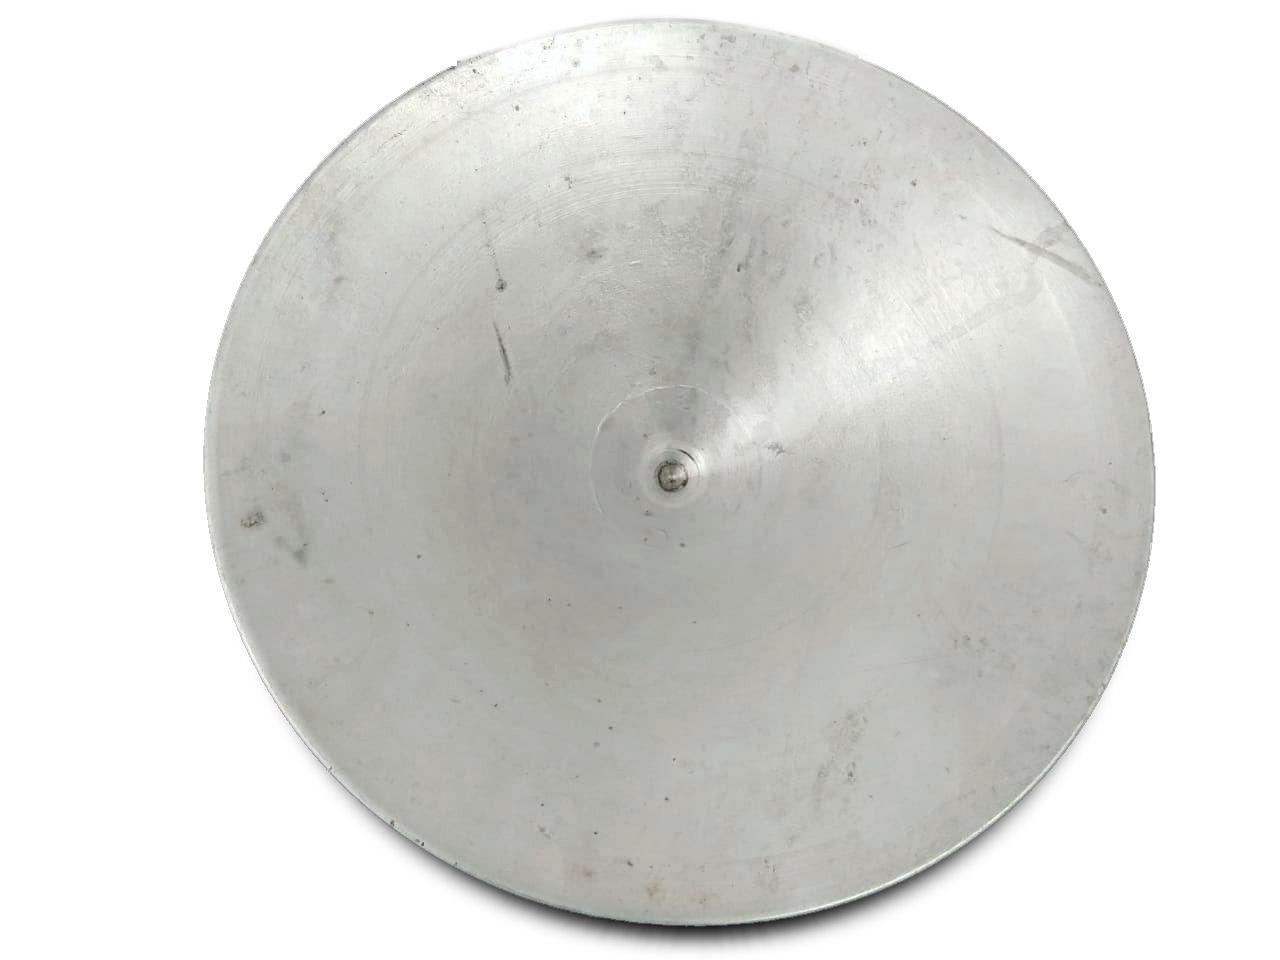 Bateia de Aço Galvanizado para Garimpo - 450 mm